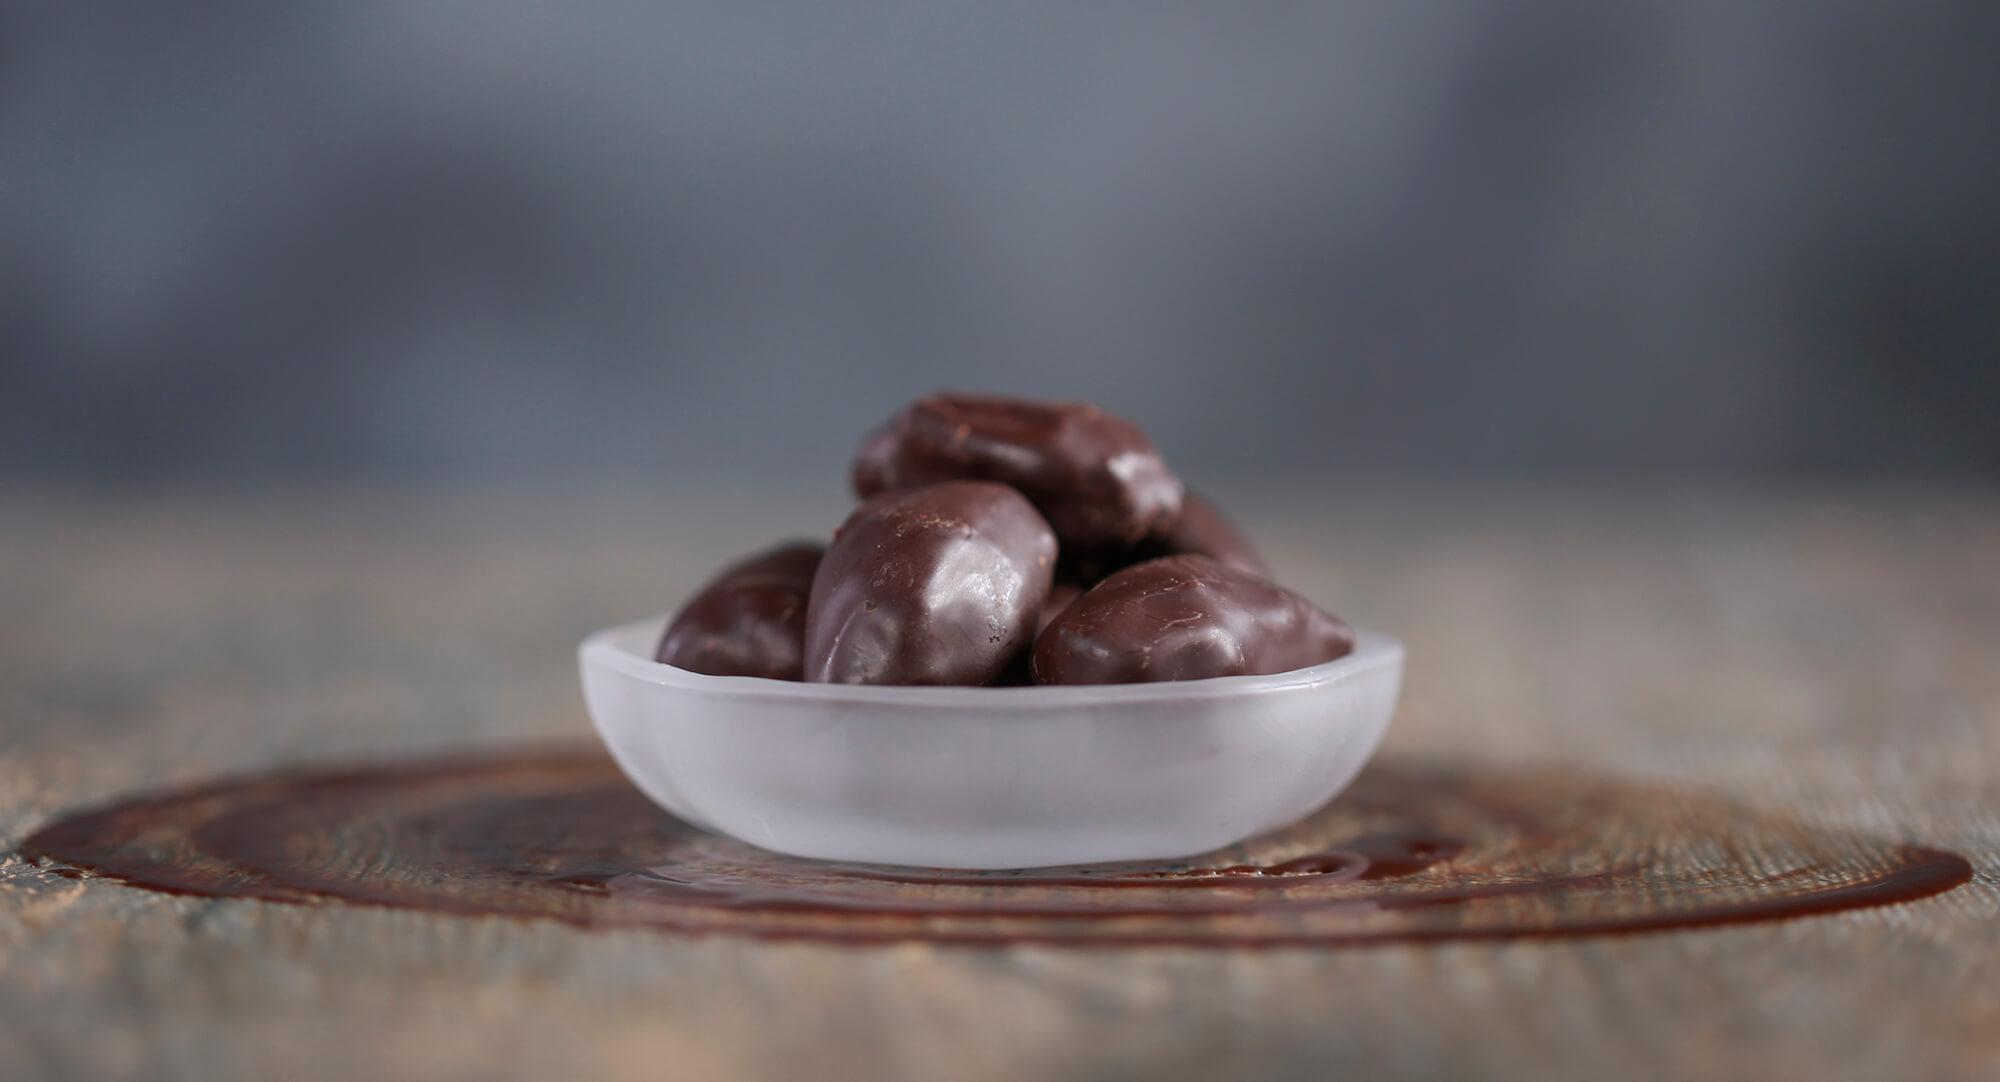 Chocolate dates | Tamrah